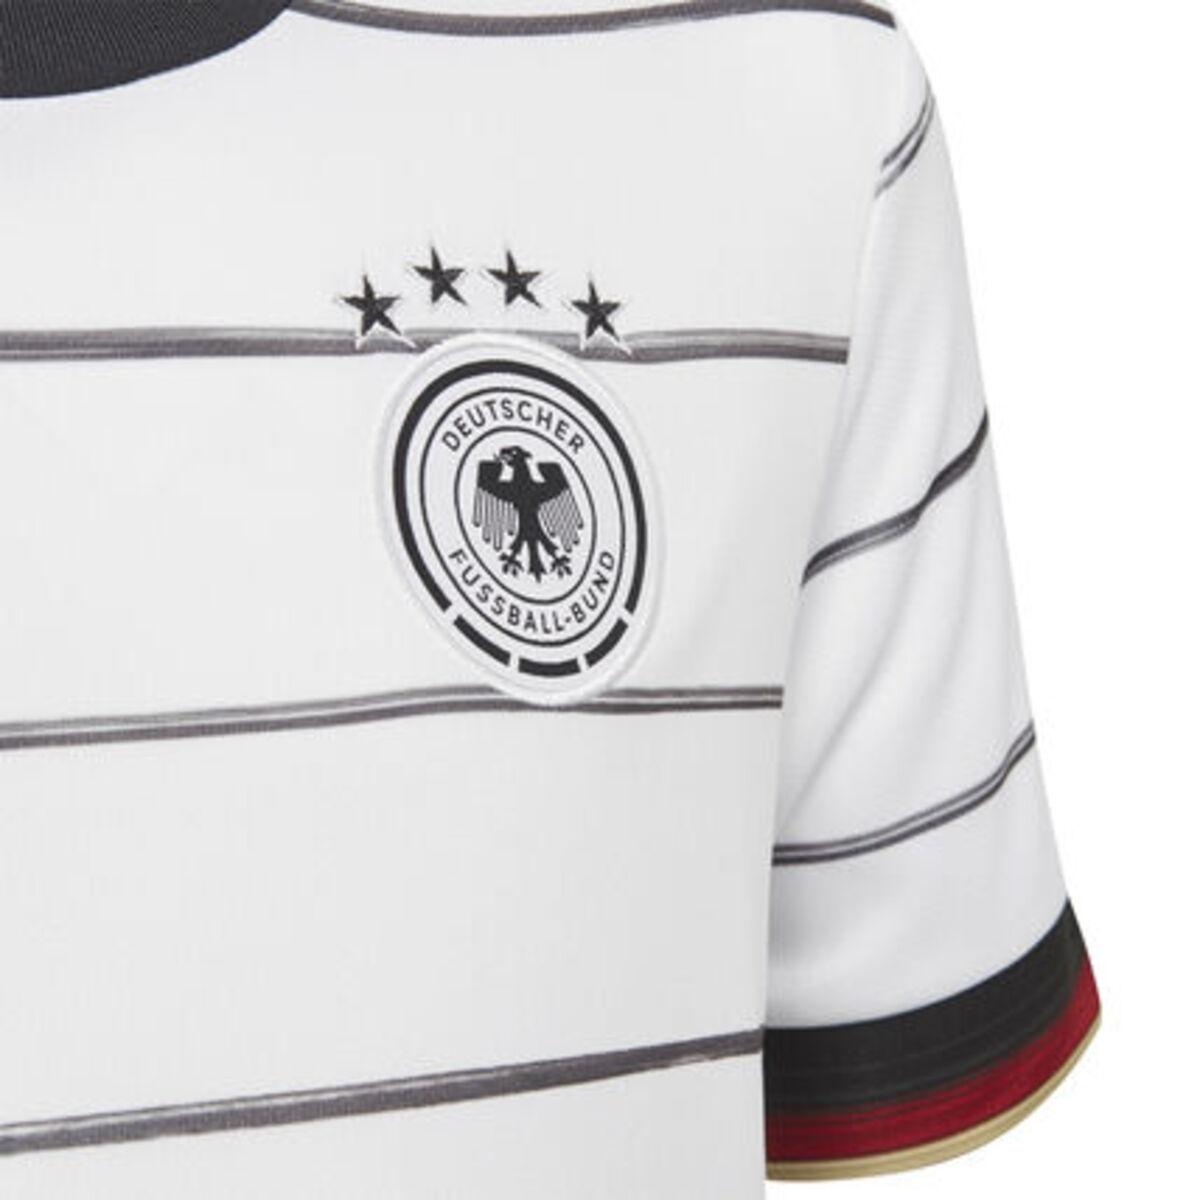 Bild 3 von adidas Herren DFB Heimtrikot, weiß, M, M